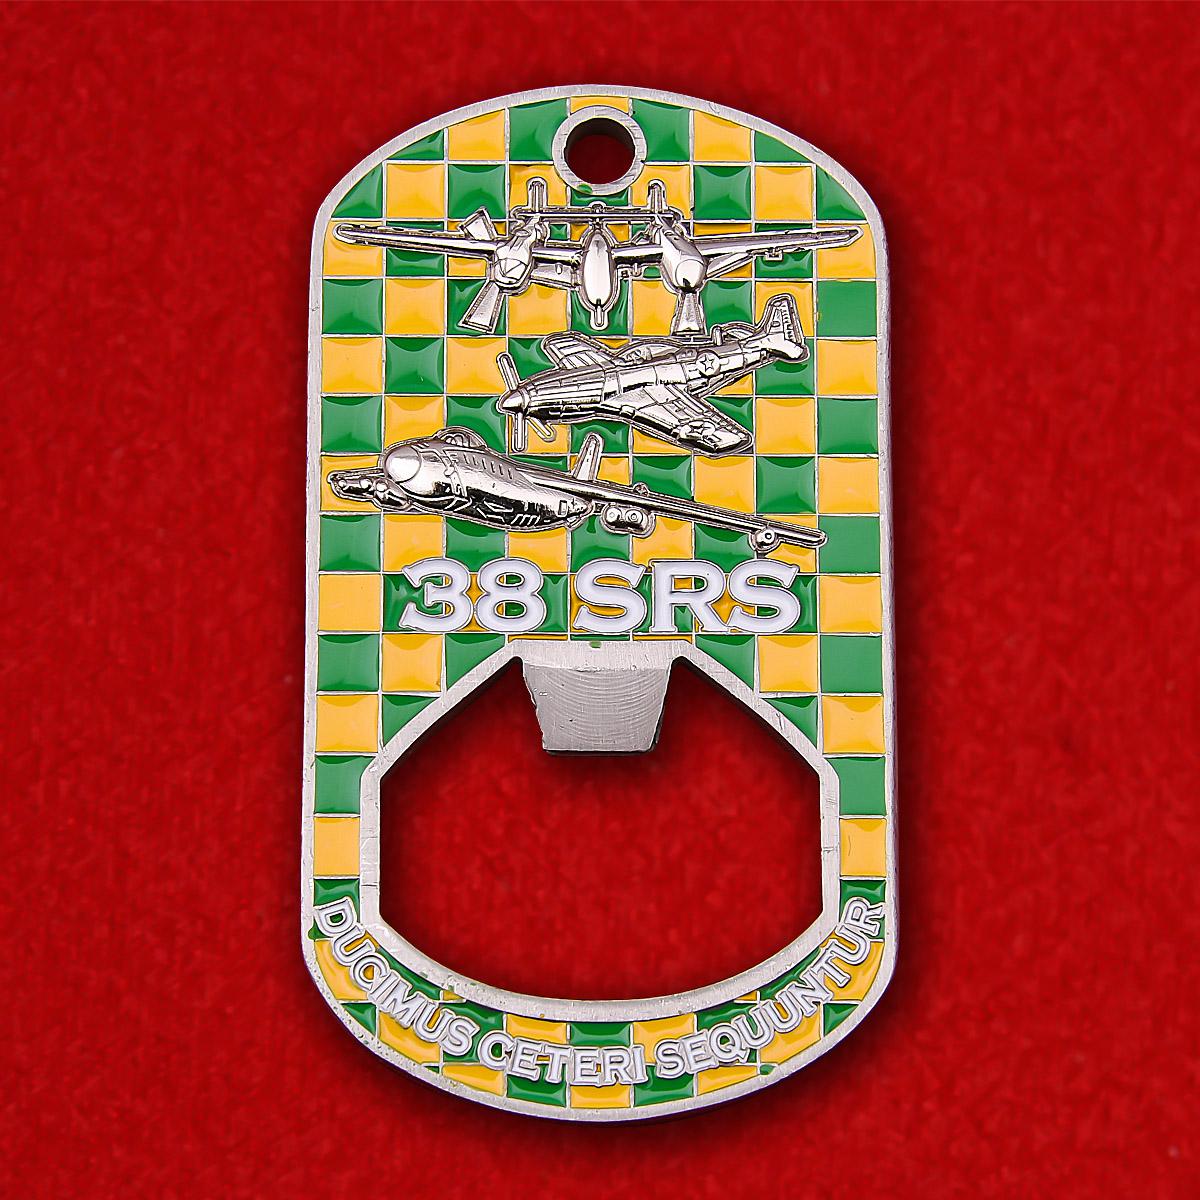 """Открывашка """"38-я бомбардировочная эскадрилья Королевских ВВС Великобритании"""""""